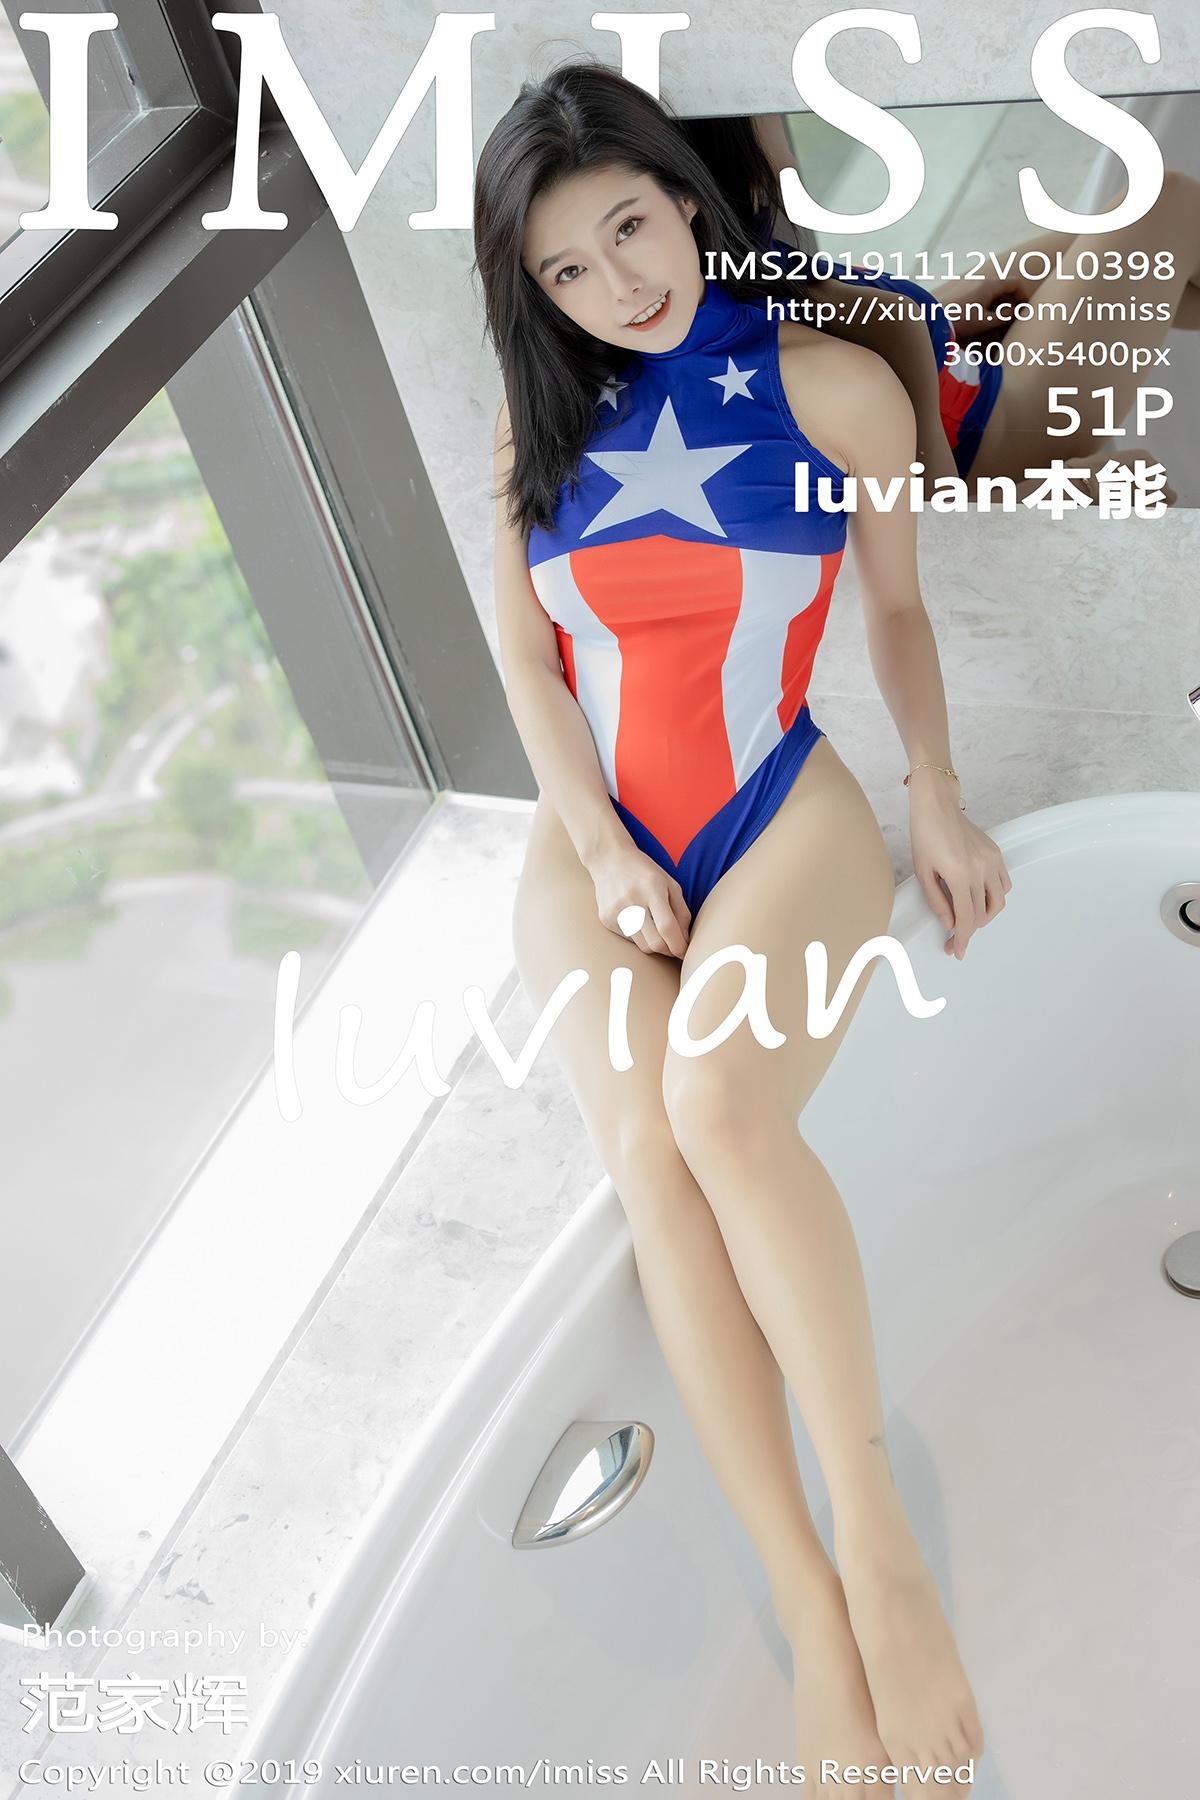 愛蜜社 [IMISS] 2019.11.12 VOL.398 luvian本能 [51P] - 貼圖 - 清涼寫真 -